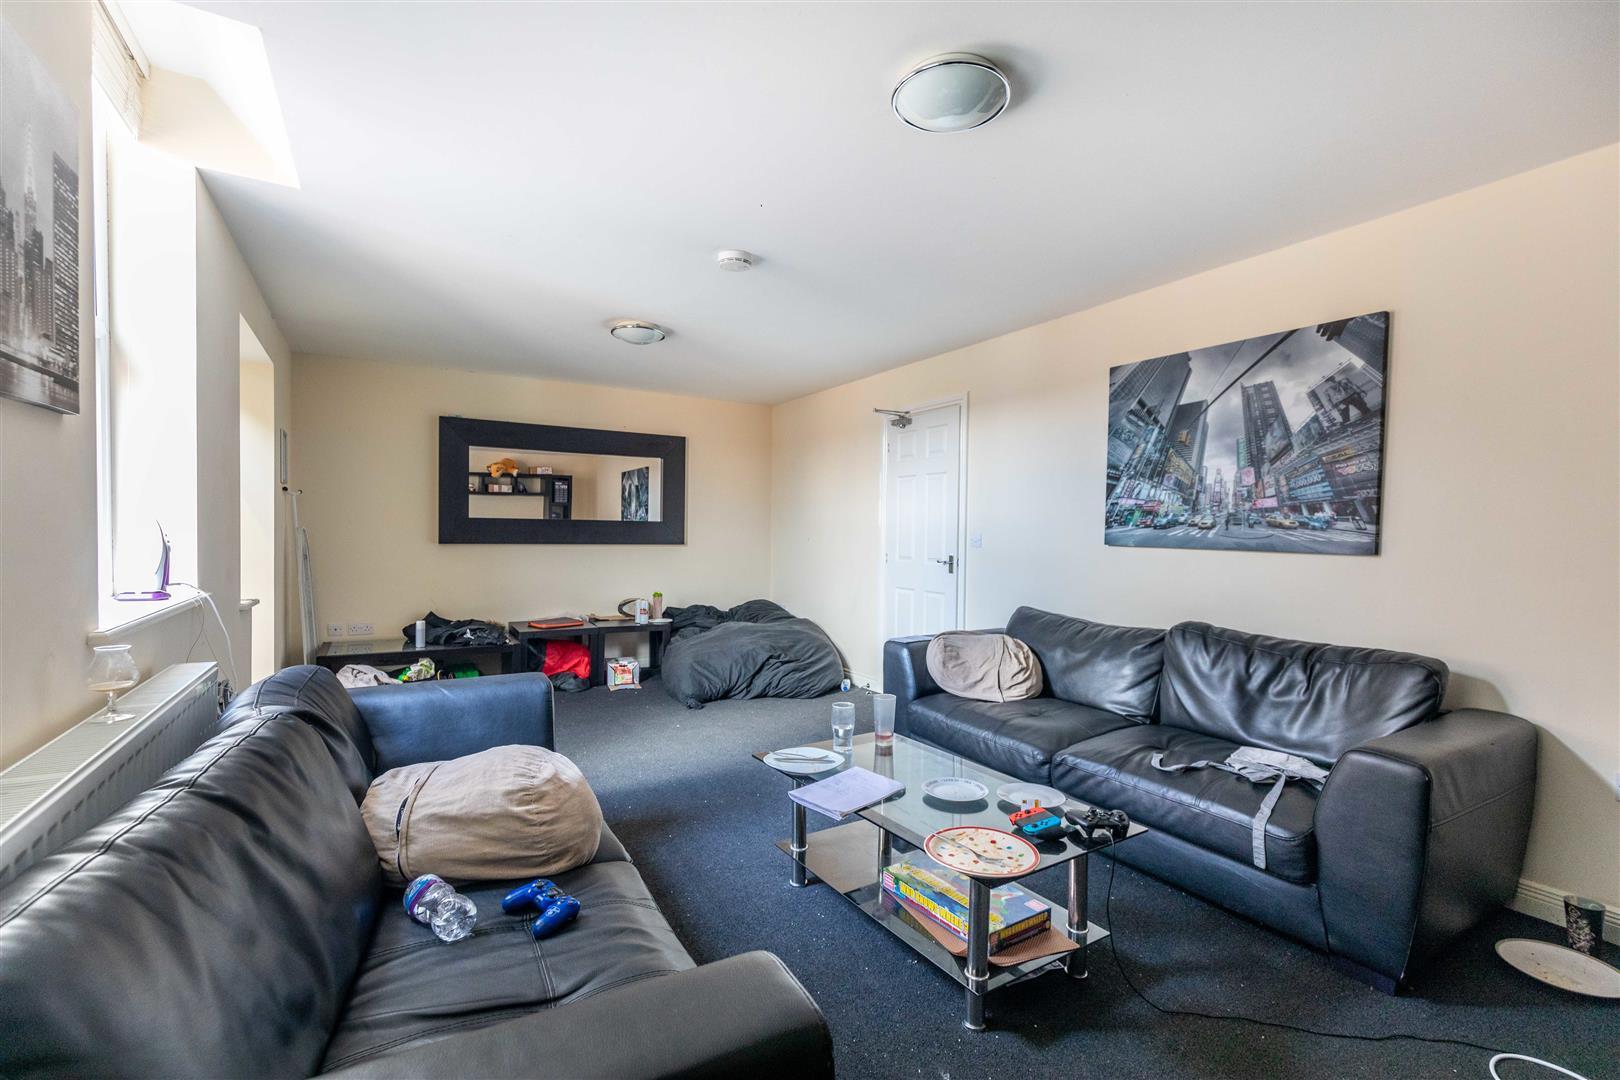 6 bed maisonette to rent in Newcastle Upon Tyne, NE2 3HT, NE2